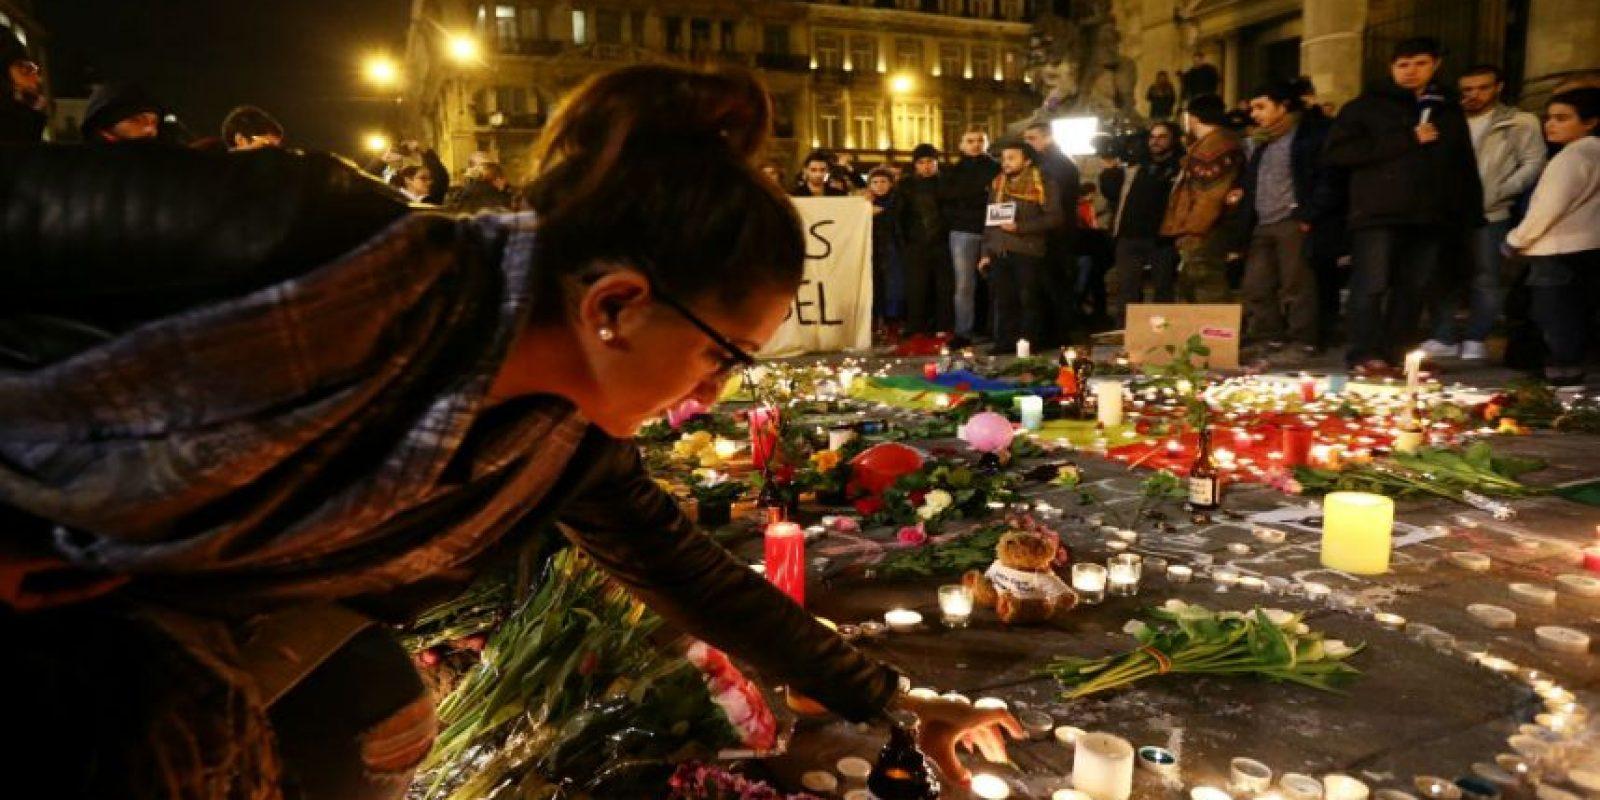 El atentado acabó con la vida de personas provenientes de al menos 40 países diferentes. Foto:Getty Images